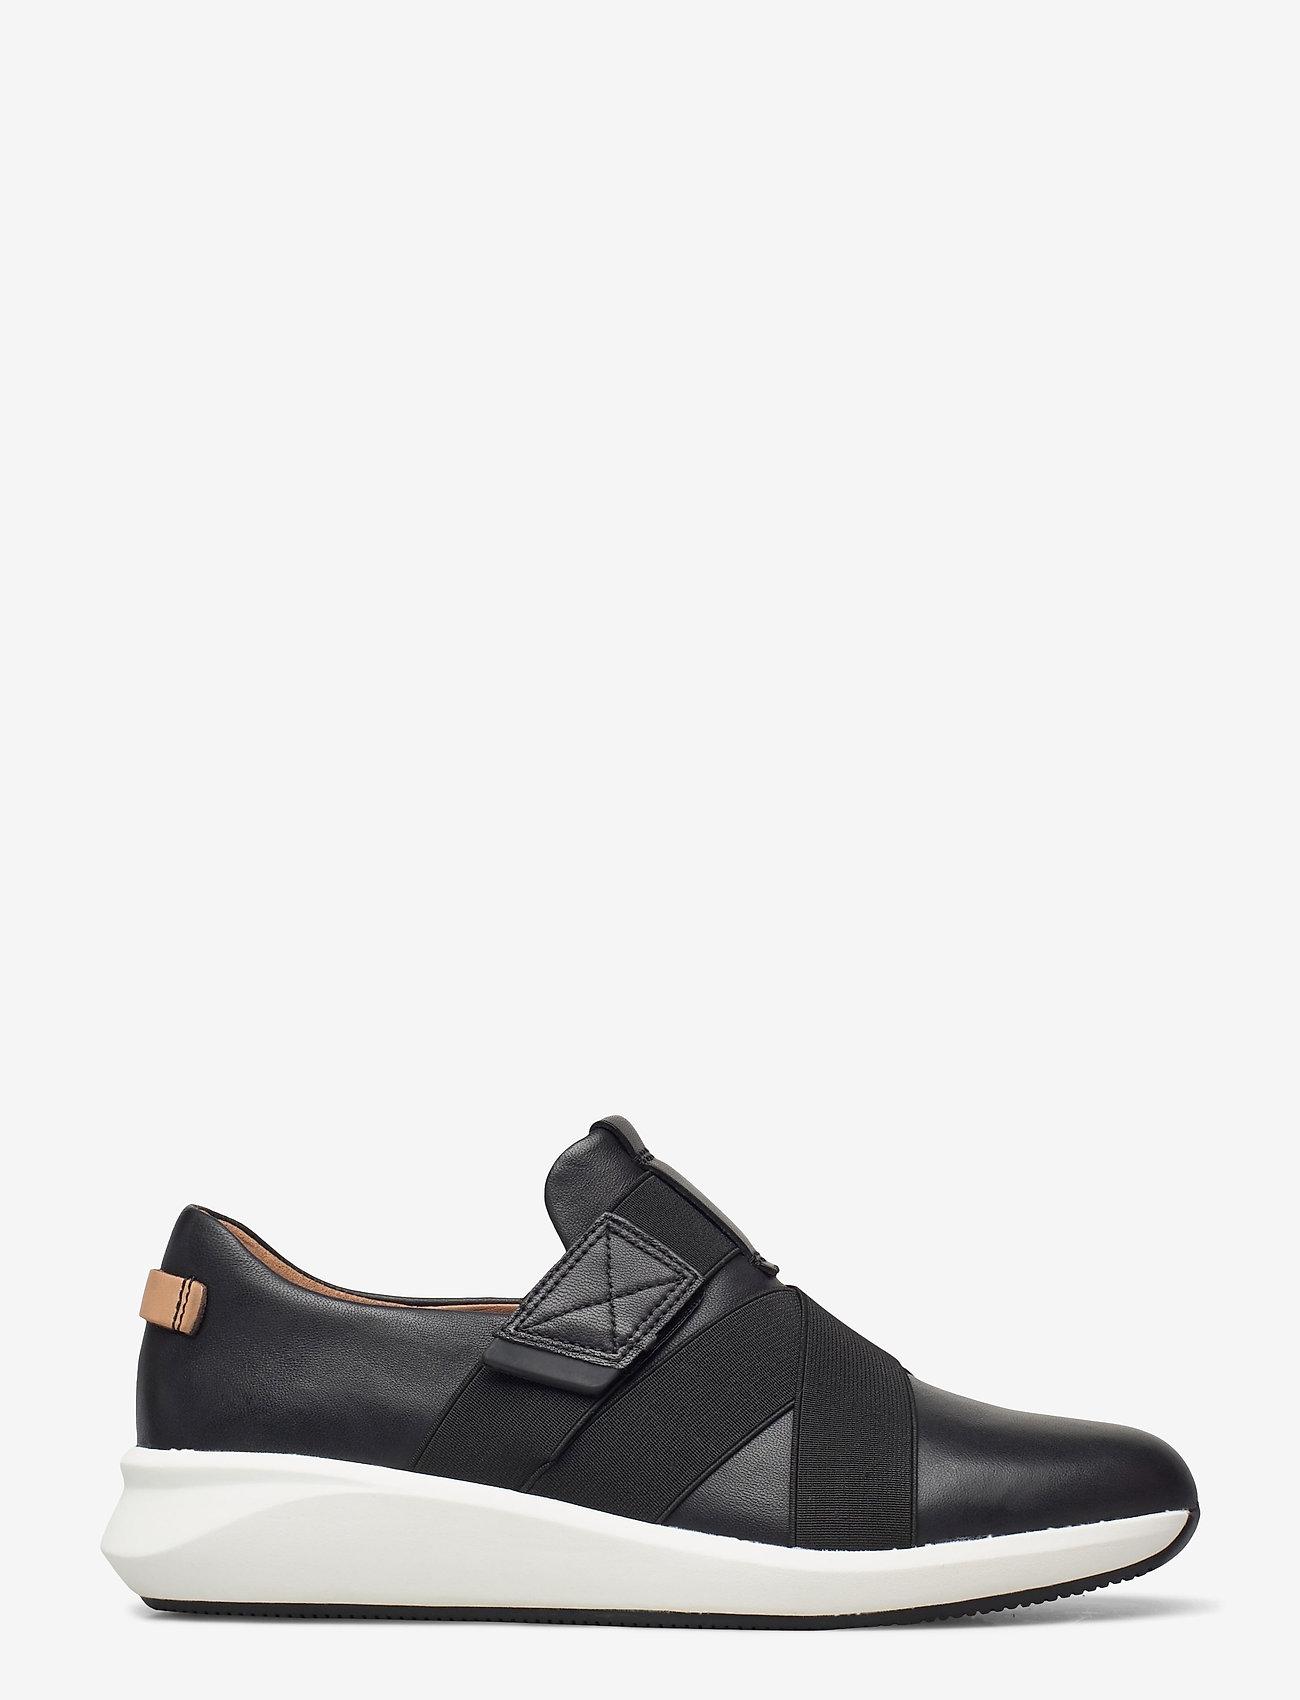 Clarks - Un Rio Strap - slip-on sneakers - black leather - 1